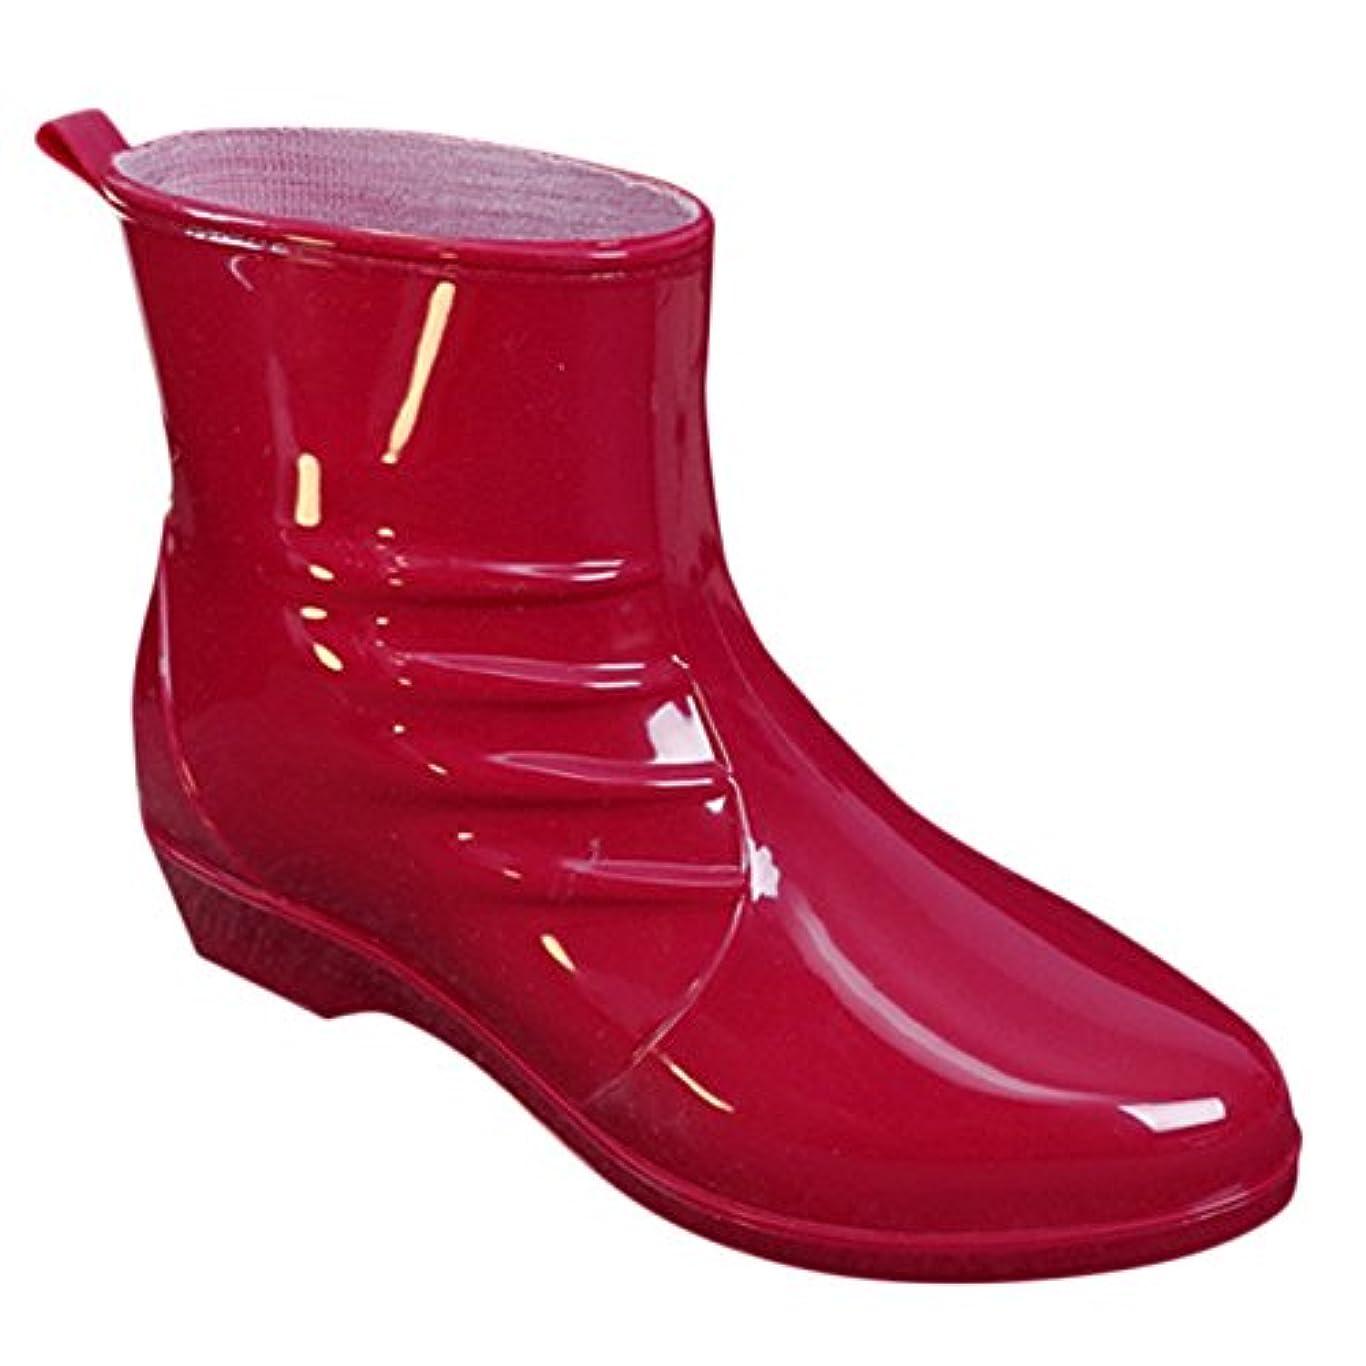 に話す放棄窒息させる[MITSUHA] レディース レインシューズ 防水雨靴 ショート丈 スクエアヒール